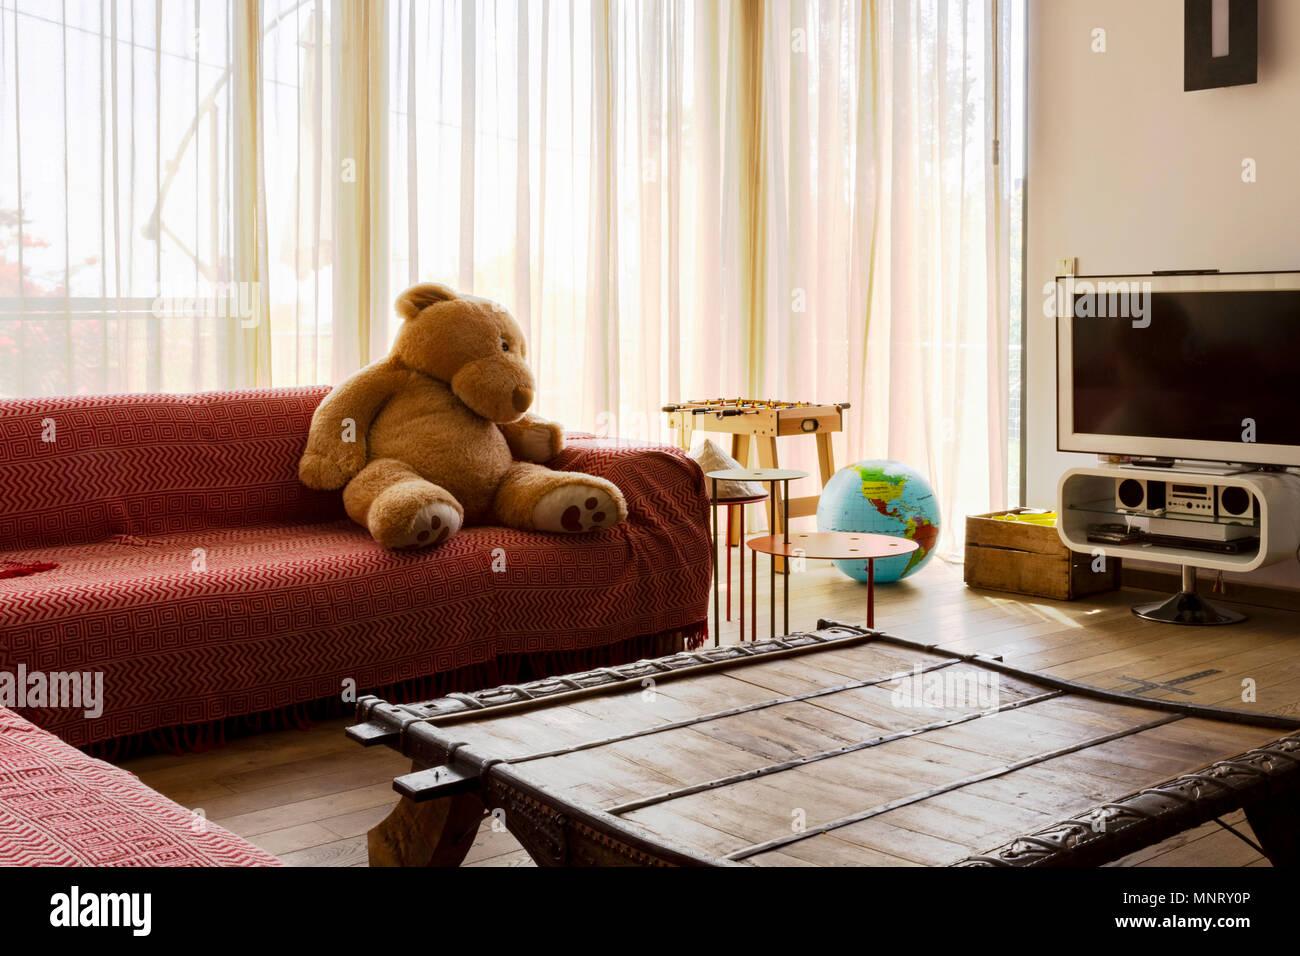 hell innen minimal modernes wohnzimmer mit grossen fenstern beleuchtet personliche gegenstande gluckliche familie atmosphare einer familie von reisenden